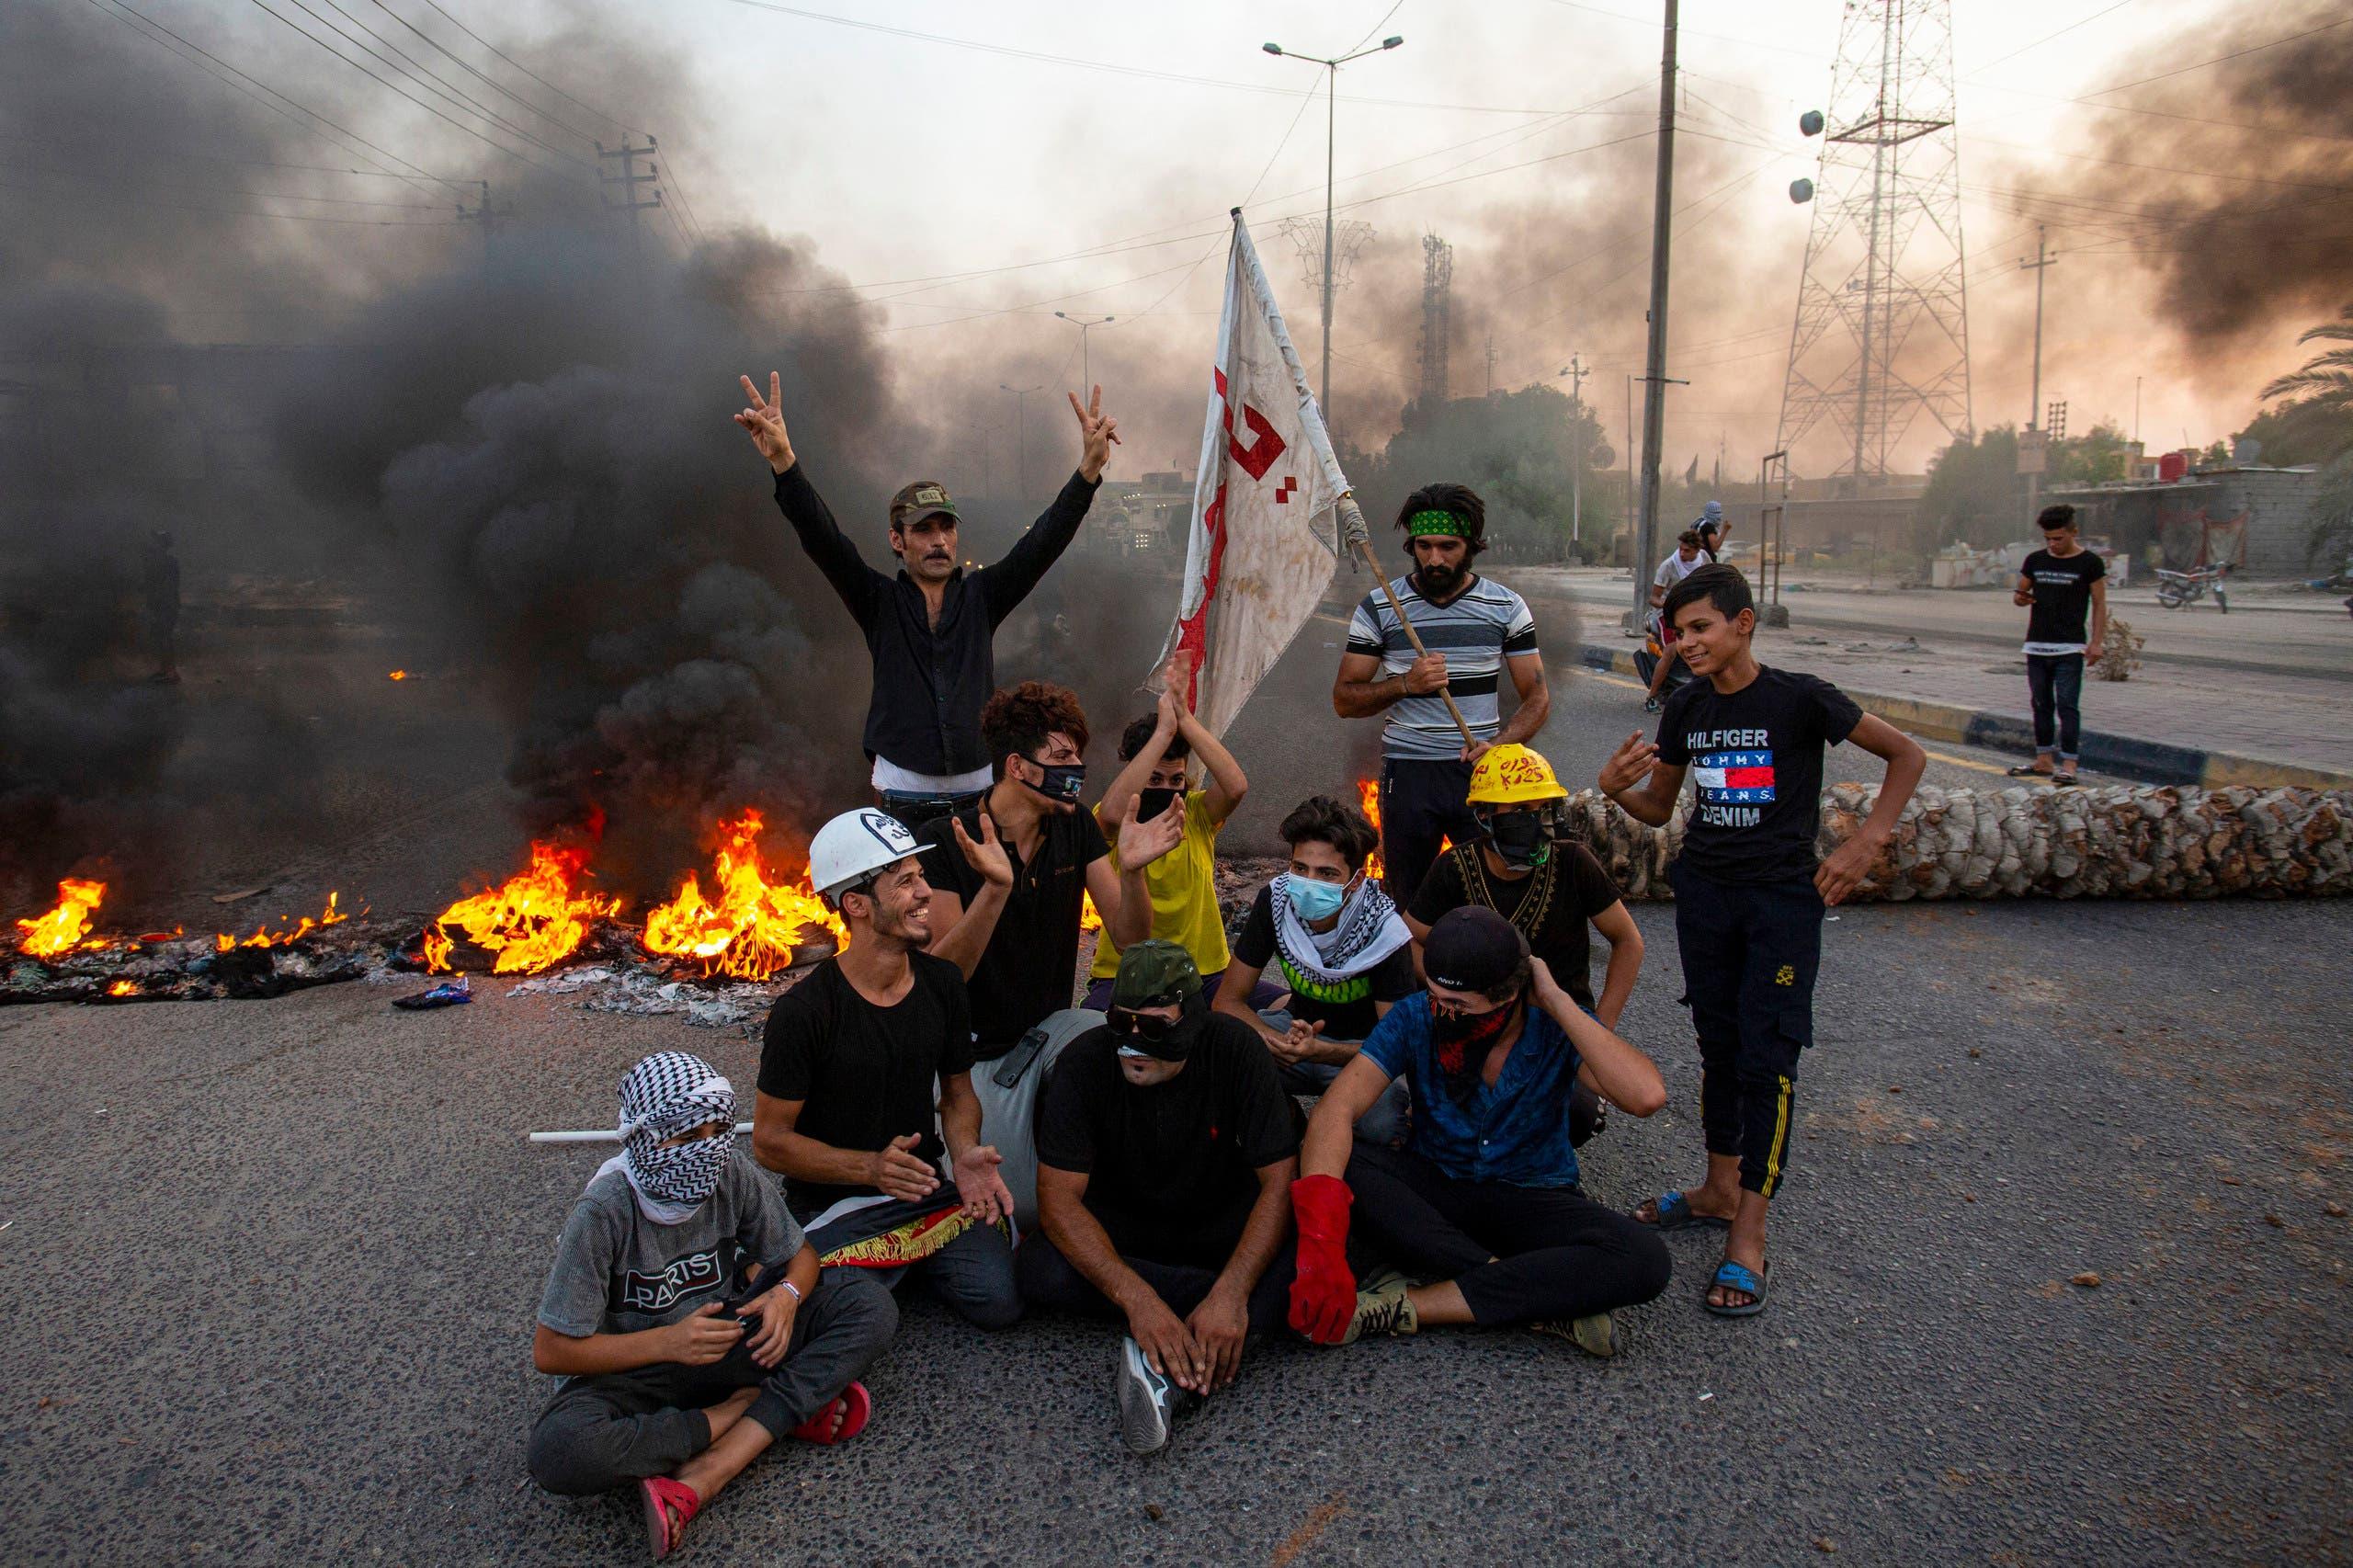 تظاهرات ضد انقطاع التيار الكهربائي في العراق(أرشيفية- فرانس برس)